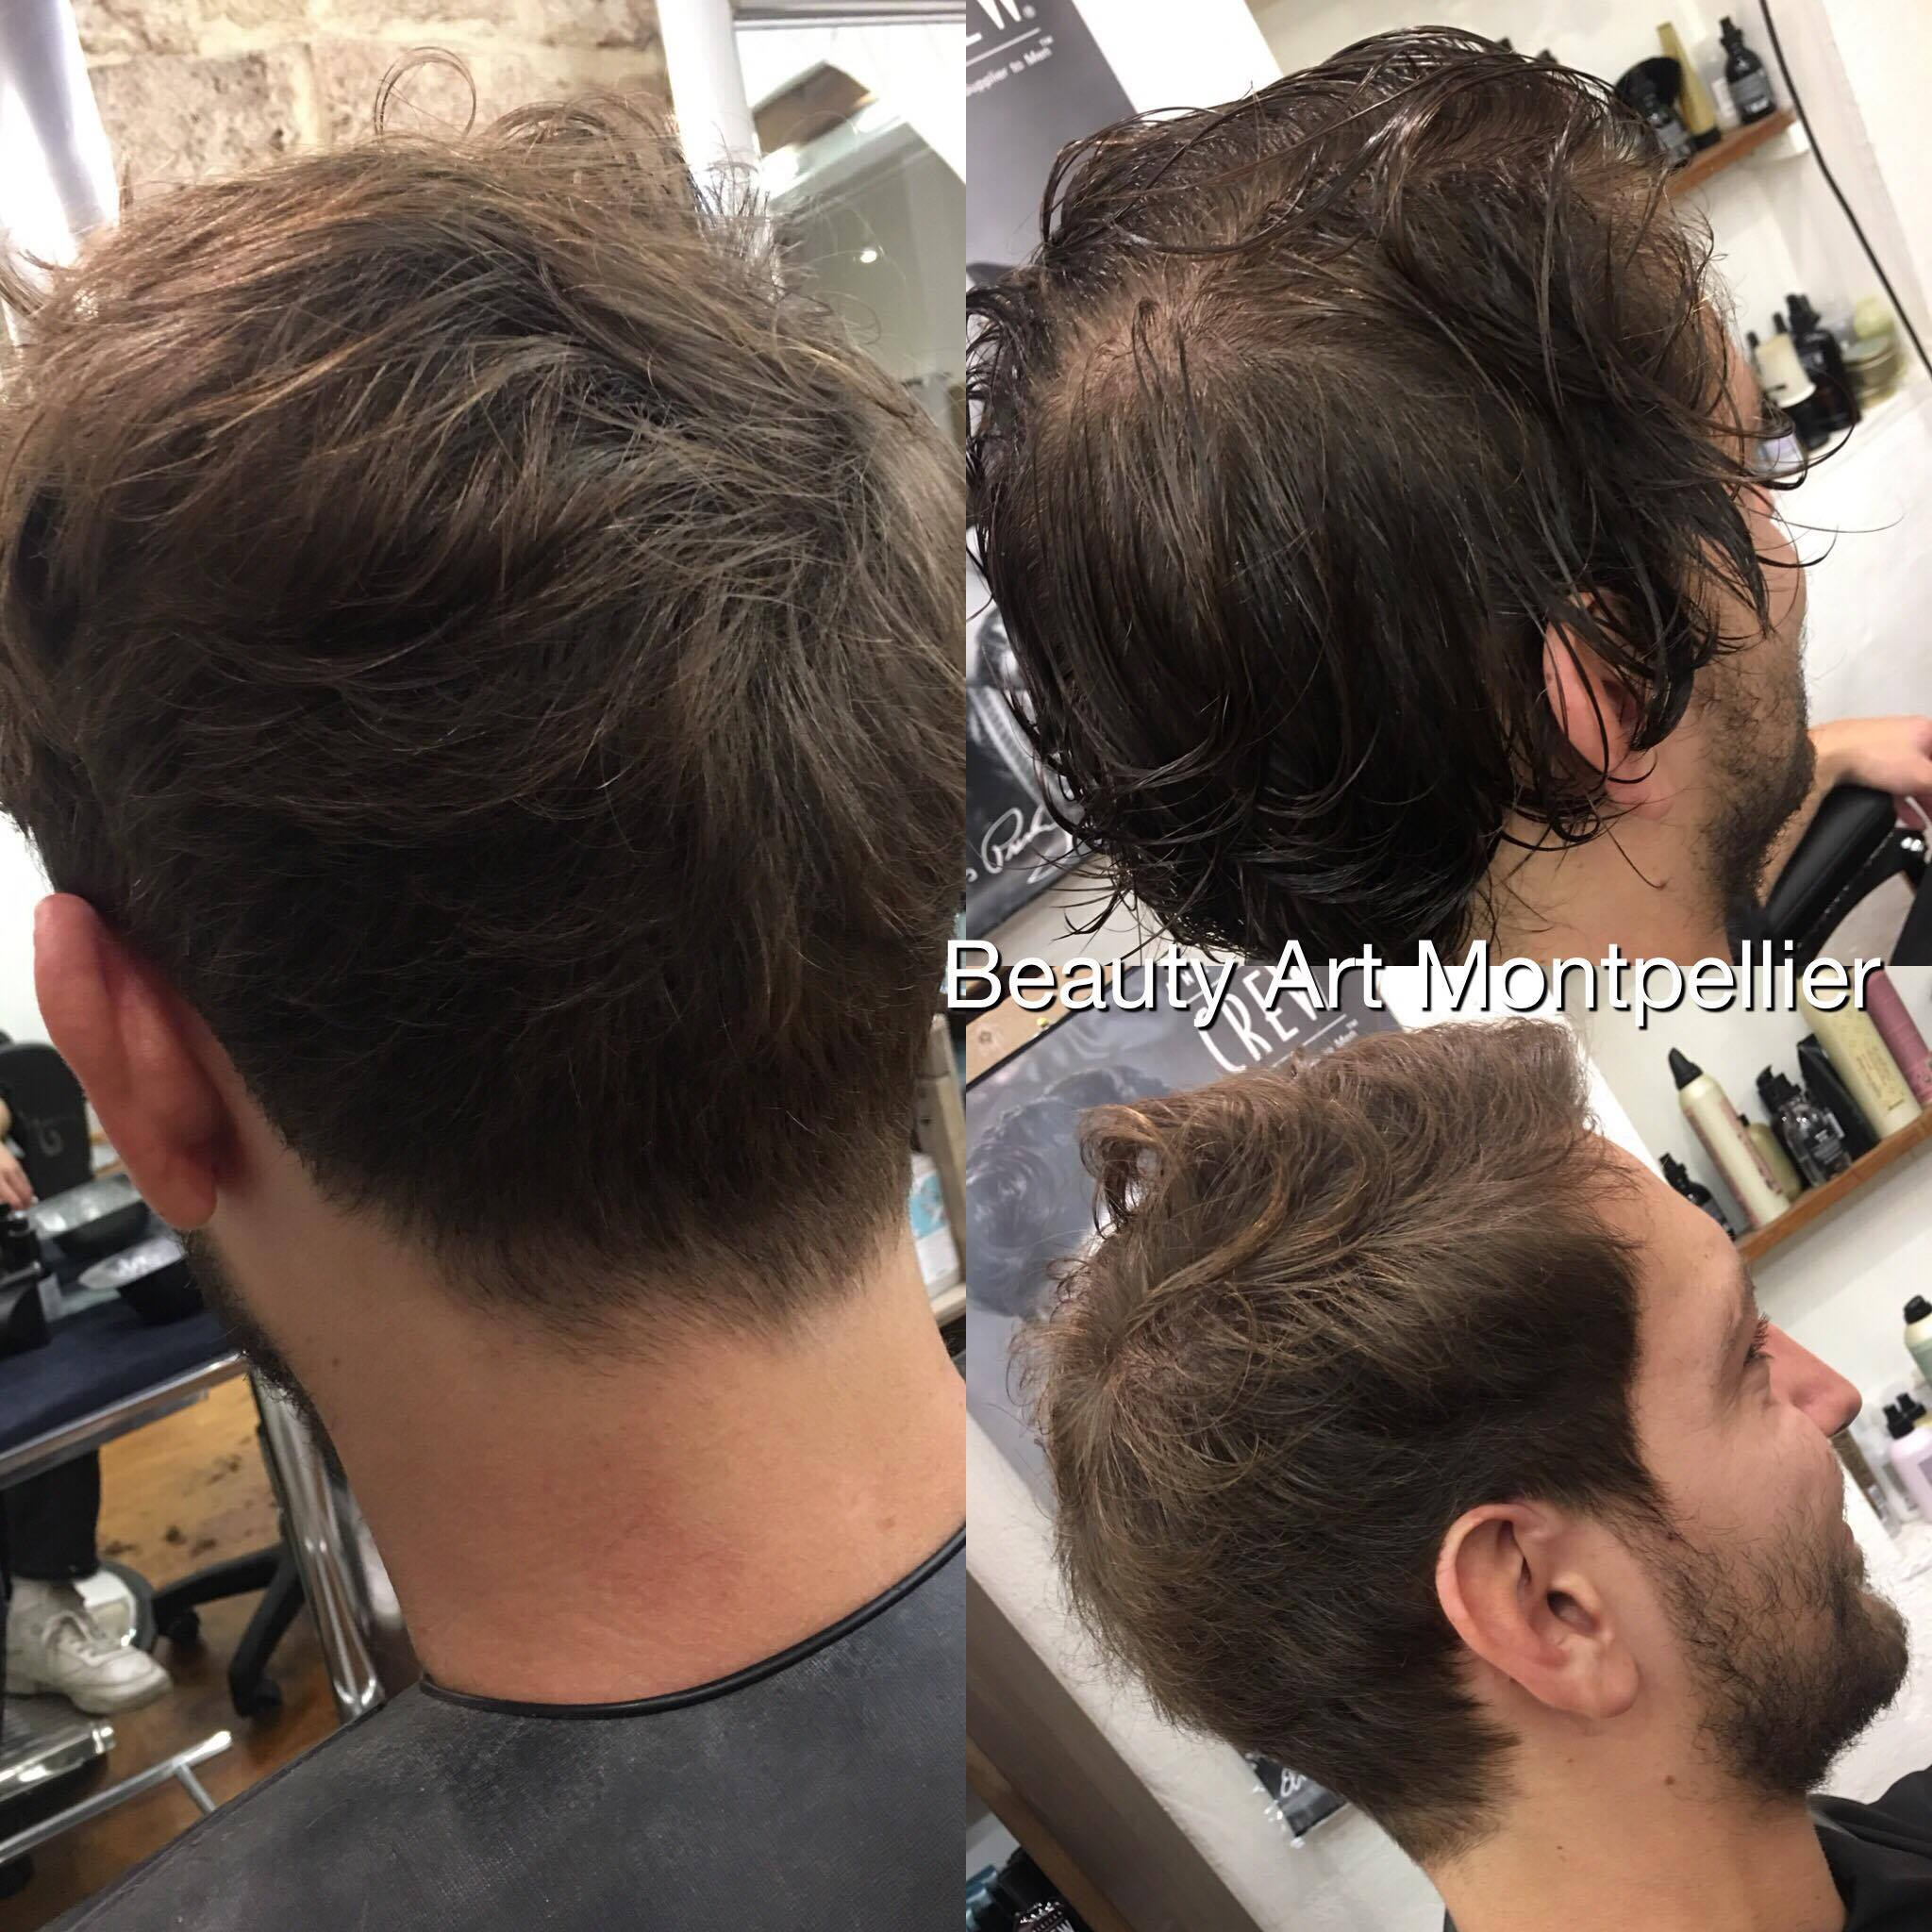 Salon de coiffure montpellier galerie homme barbier - Salon de massage montpellier ...